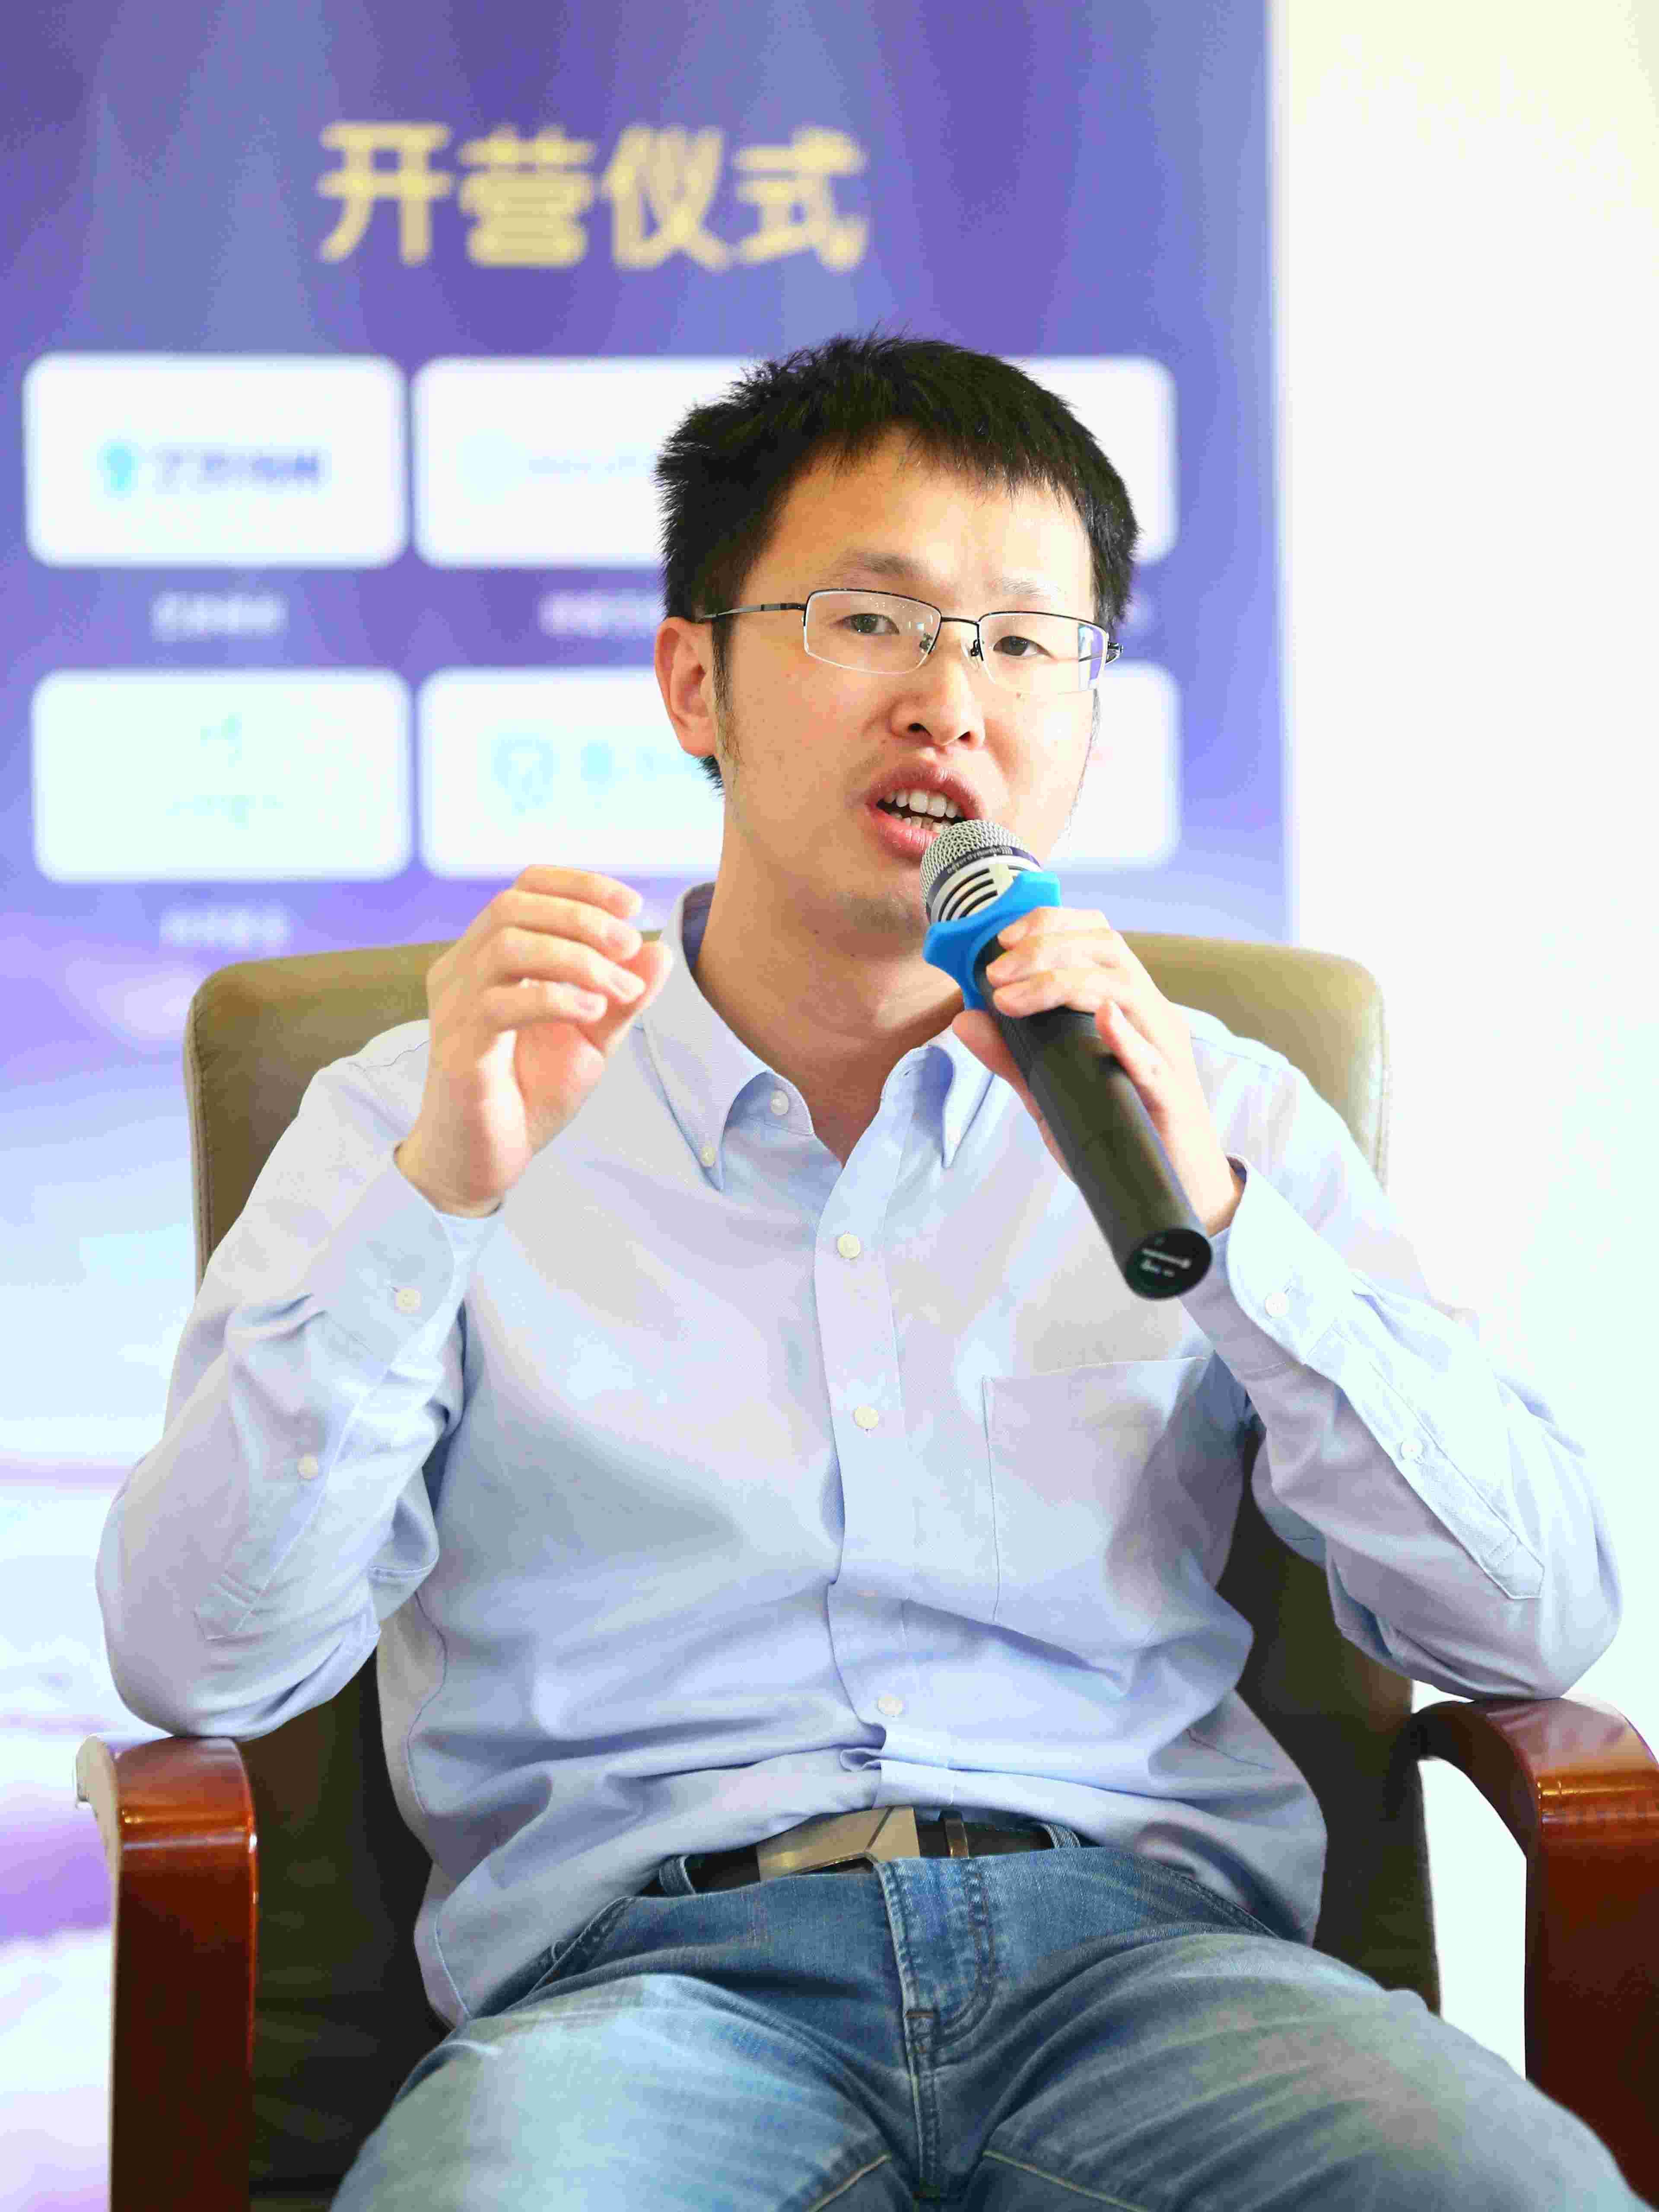 """保险支票创始人林洪祥访谈:探索""""AI智能保险""""新业态 摆脱完全依赖代理人的信息获取方式"""